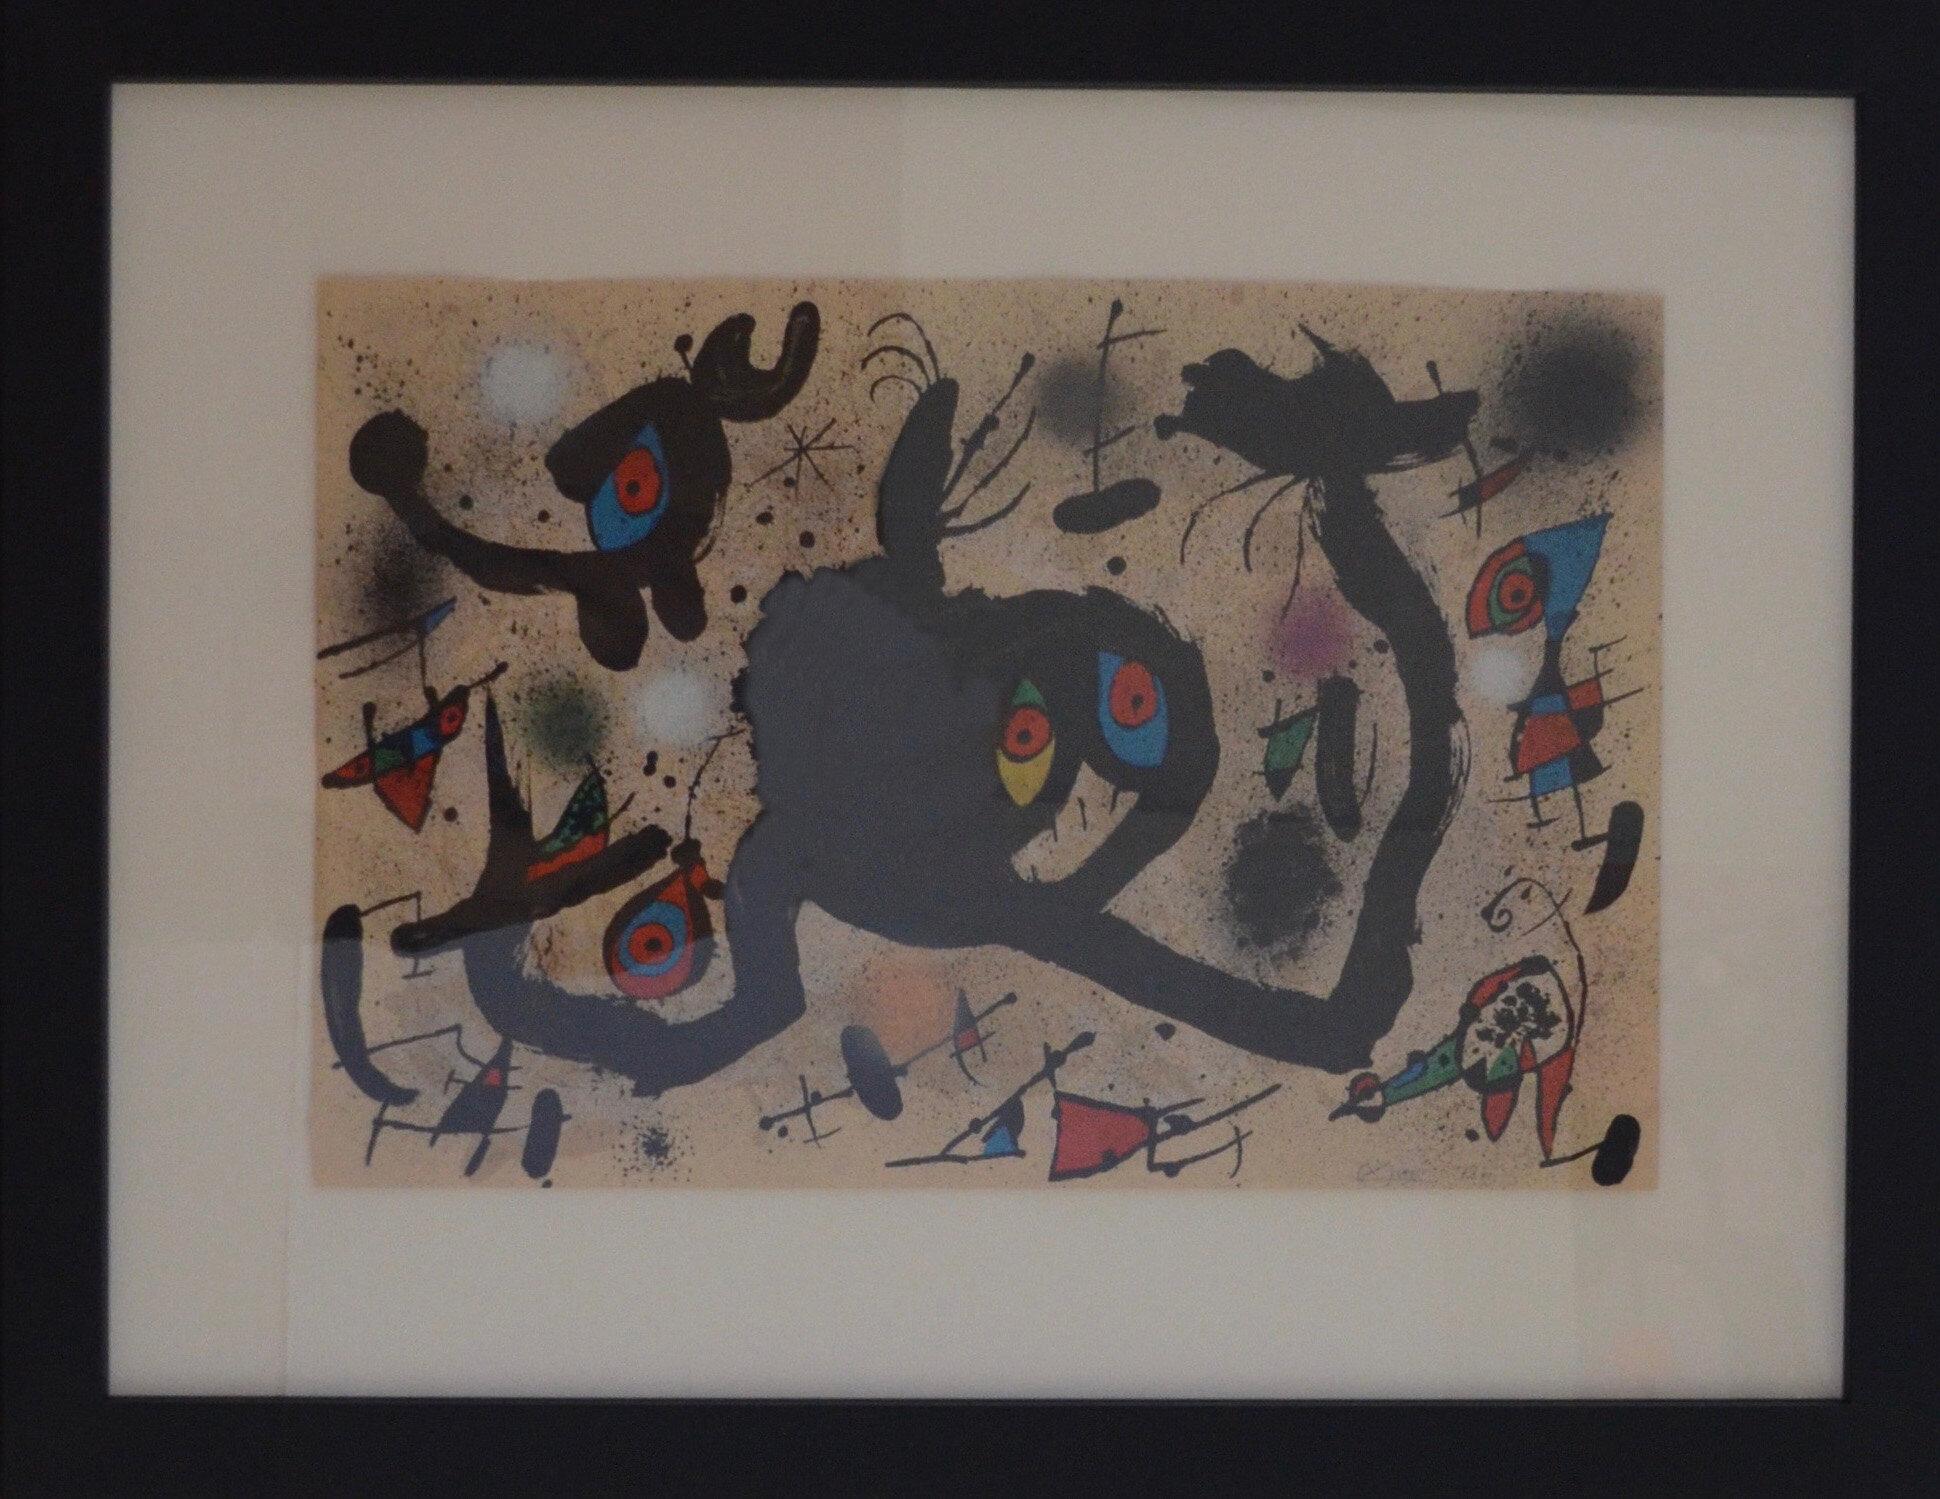 Lithograph on Guarro watermarked Miró paper,  El Vol de L'Alosa  by Joan Miró